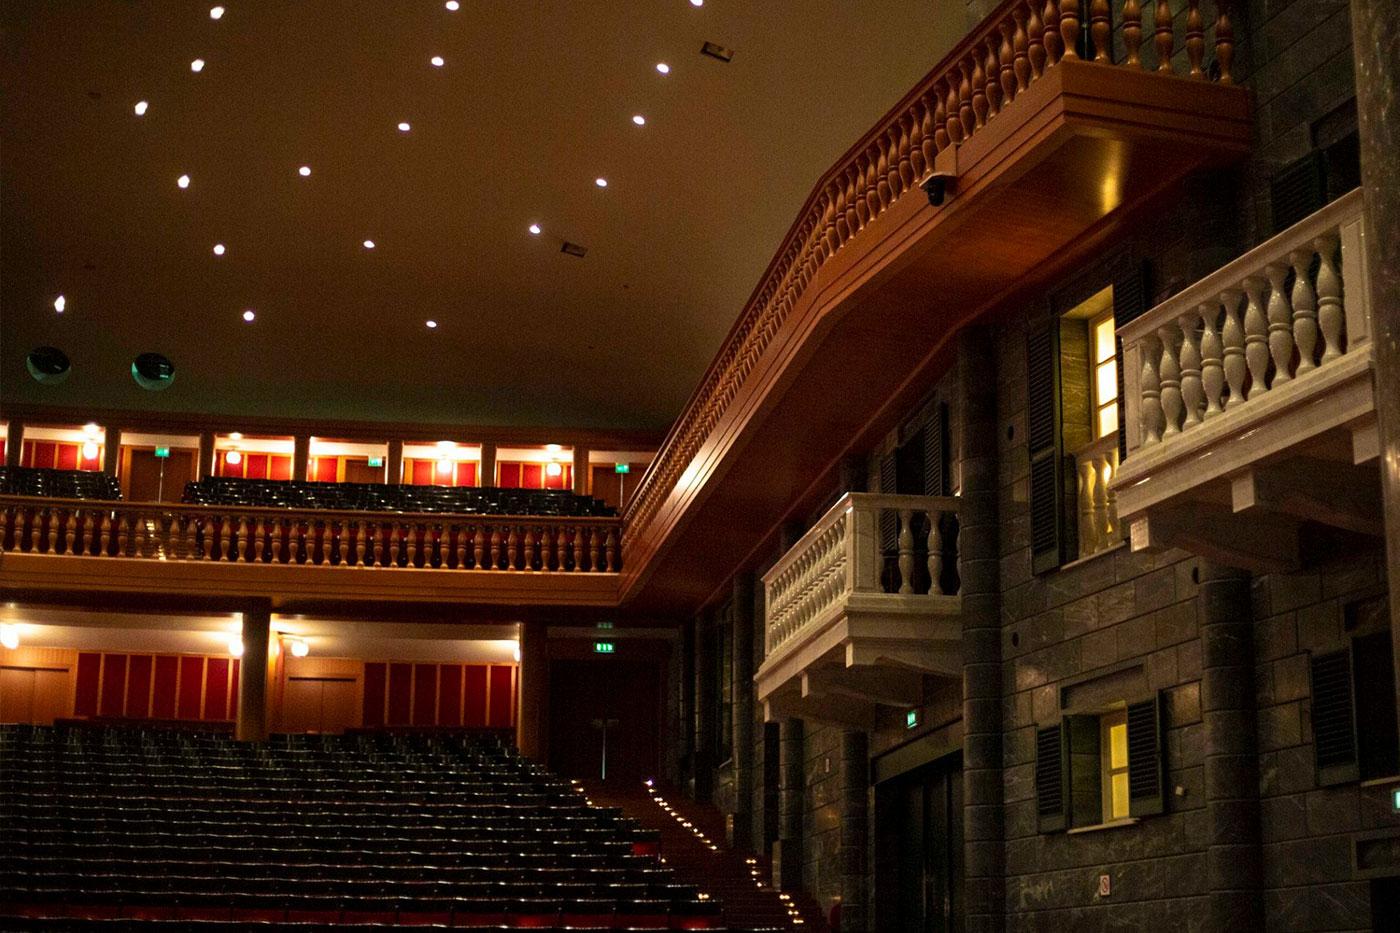 Una notte al Teatro Carlo Felice